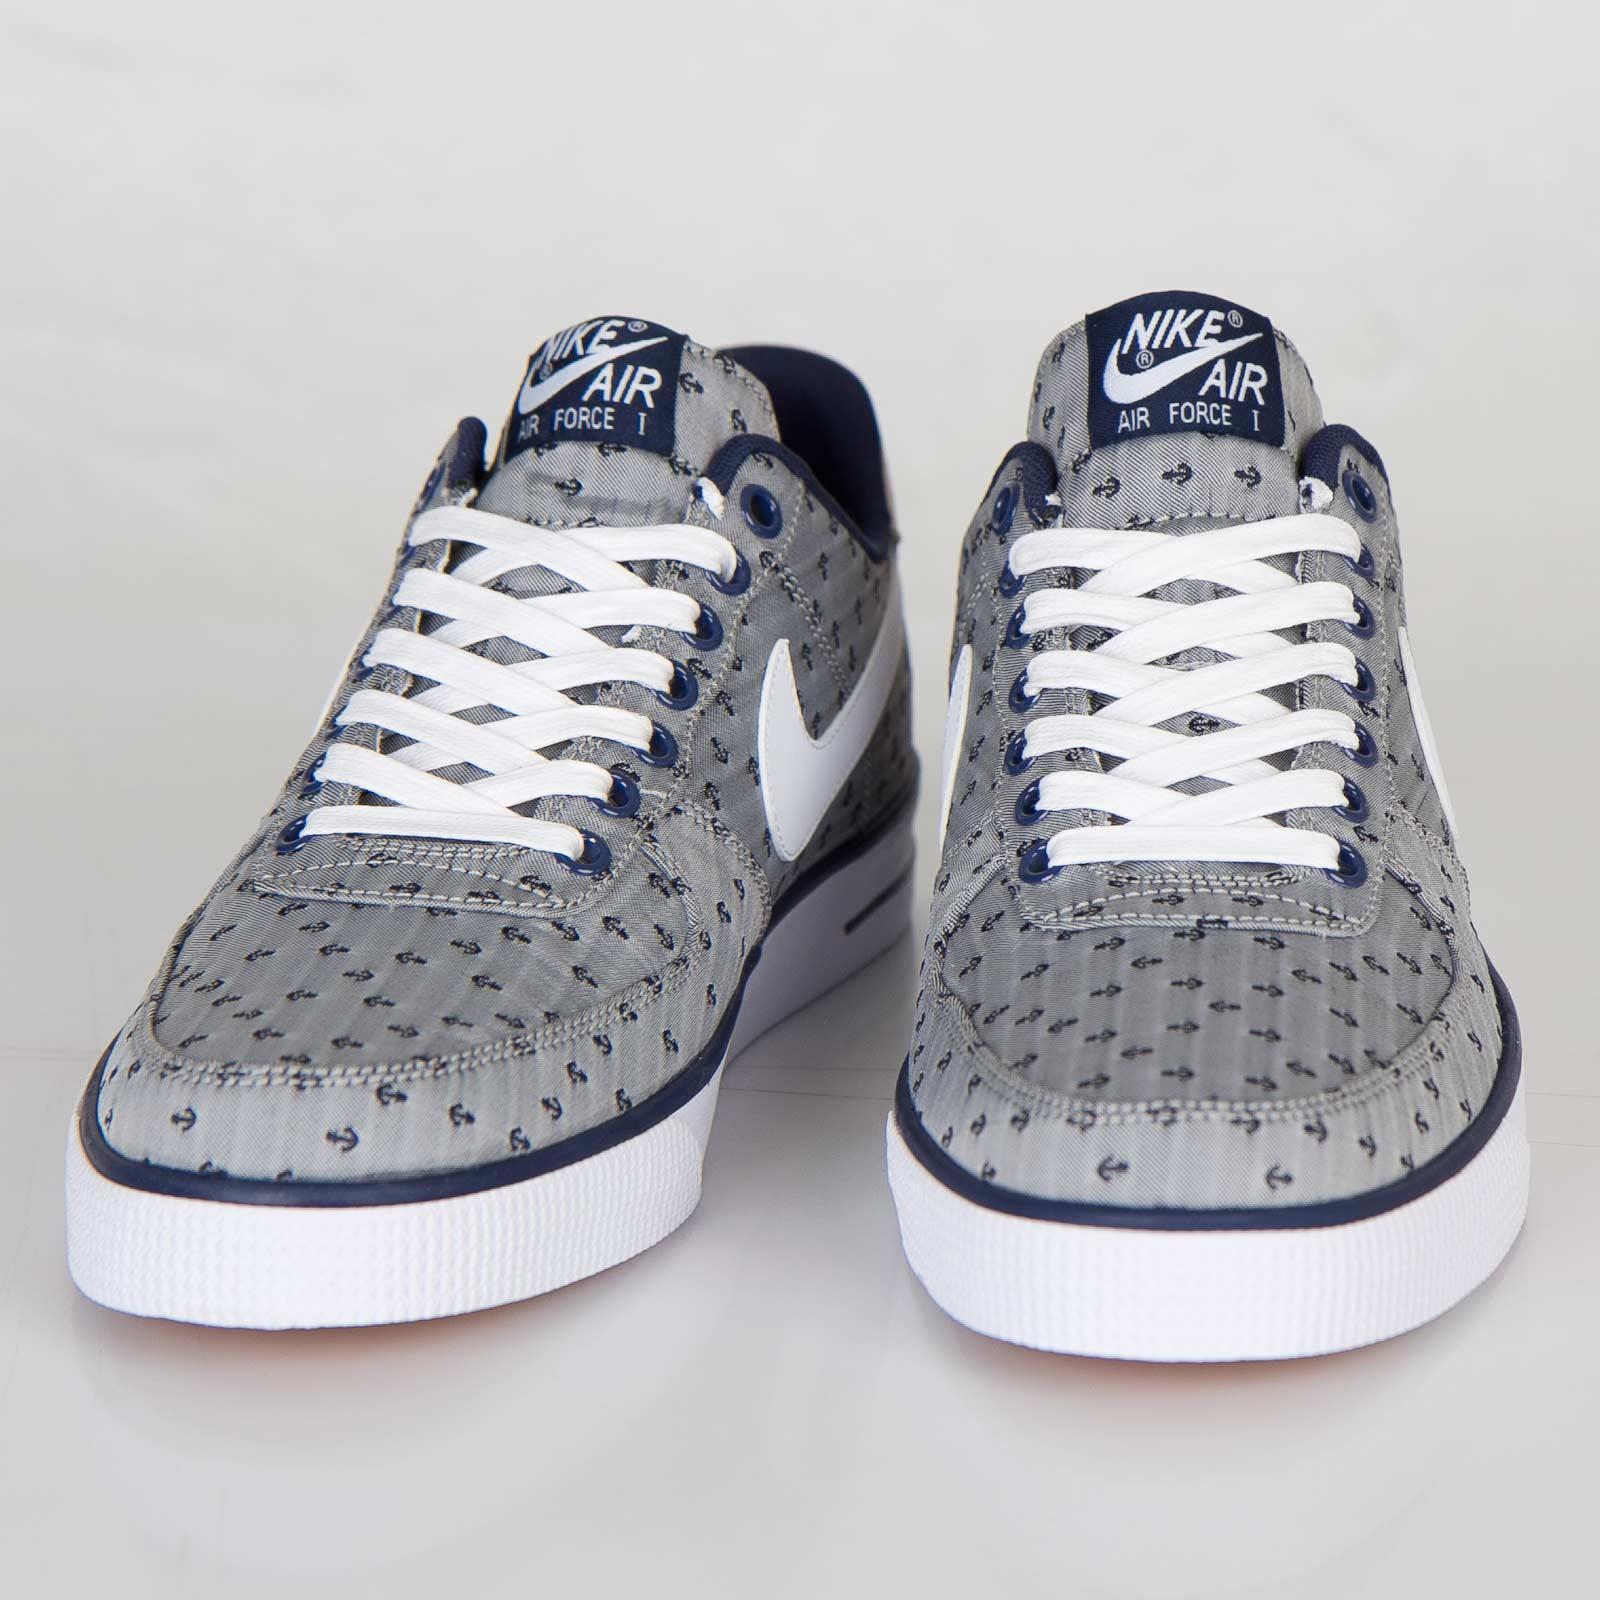 Nike Air Force 1 AC Premium QS - 656523